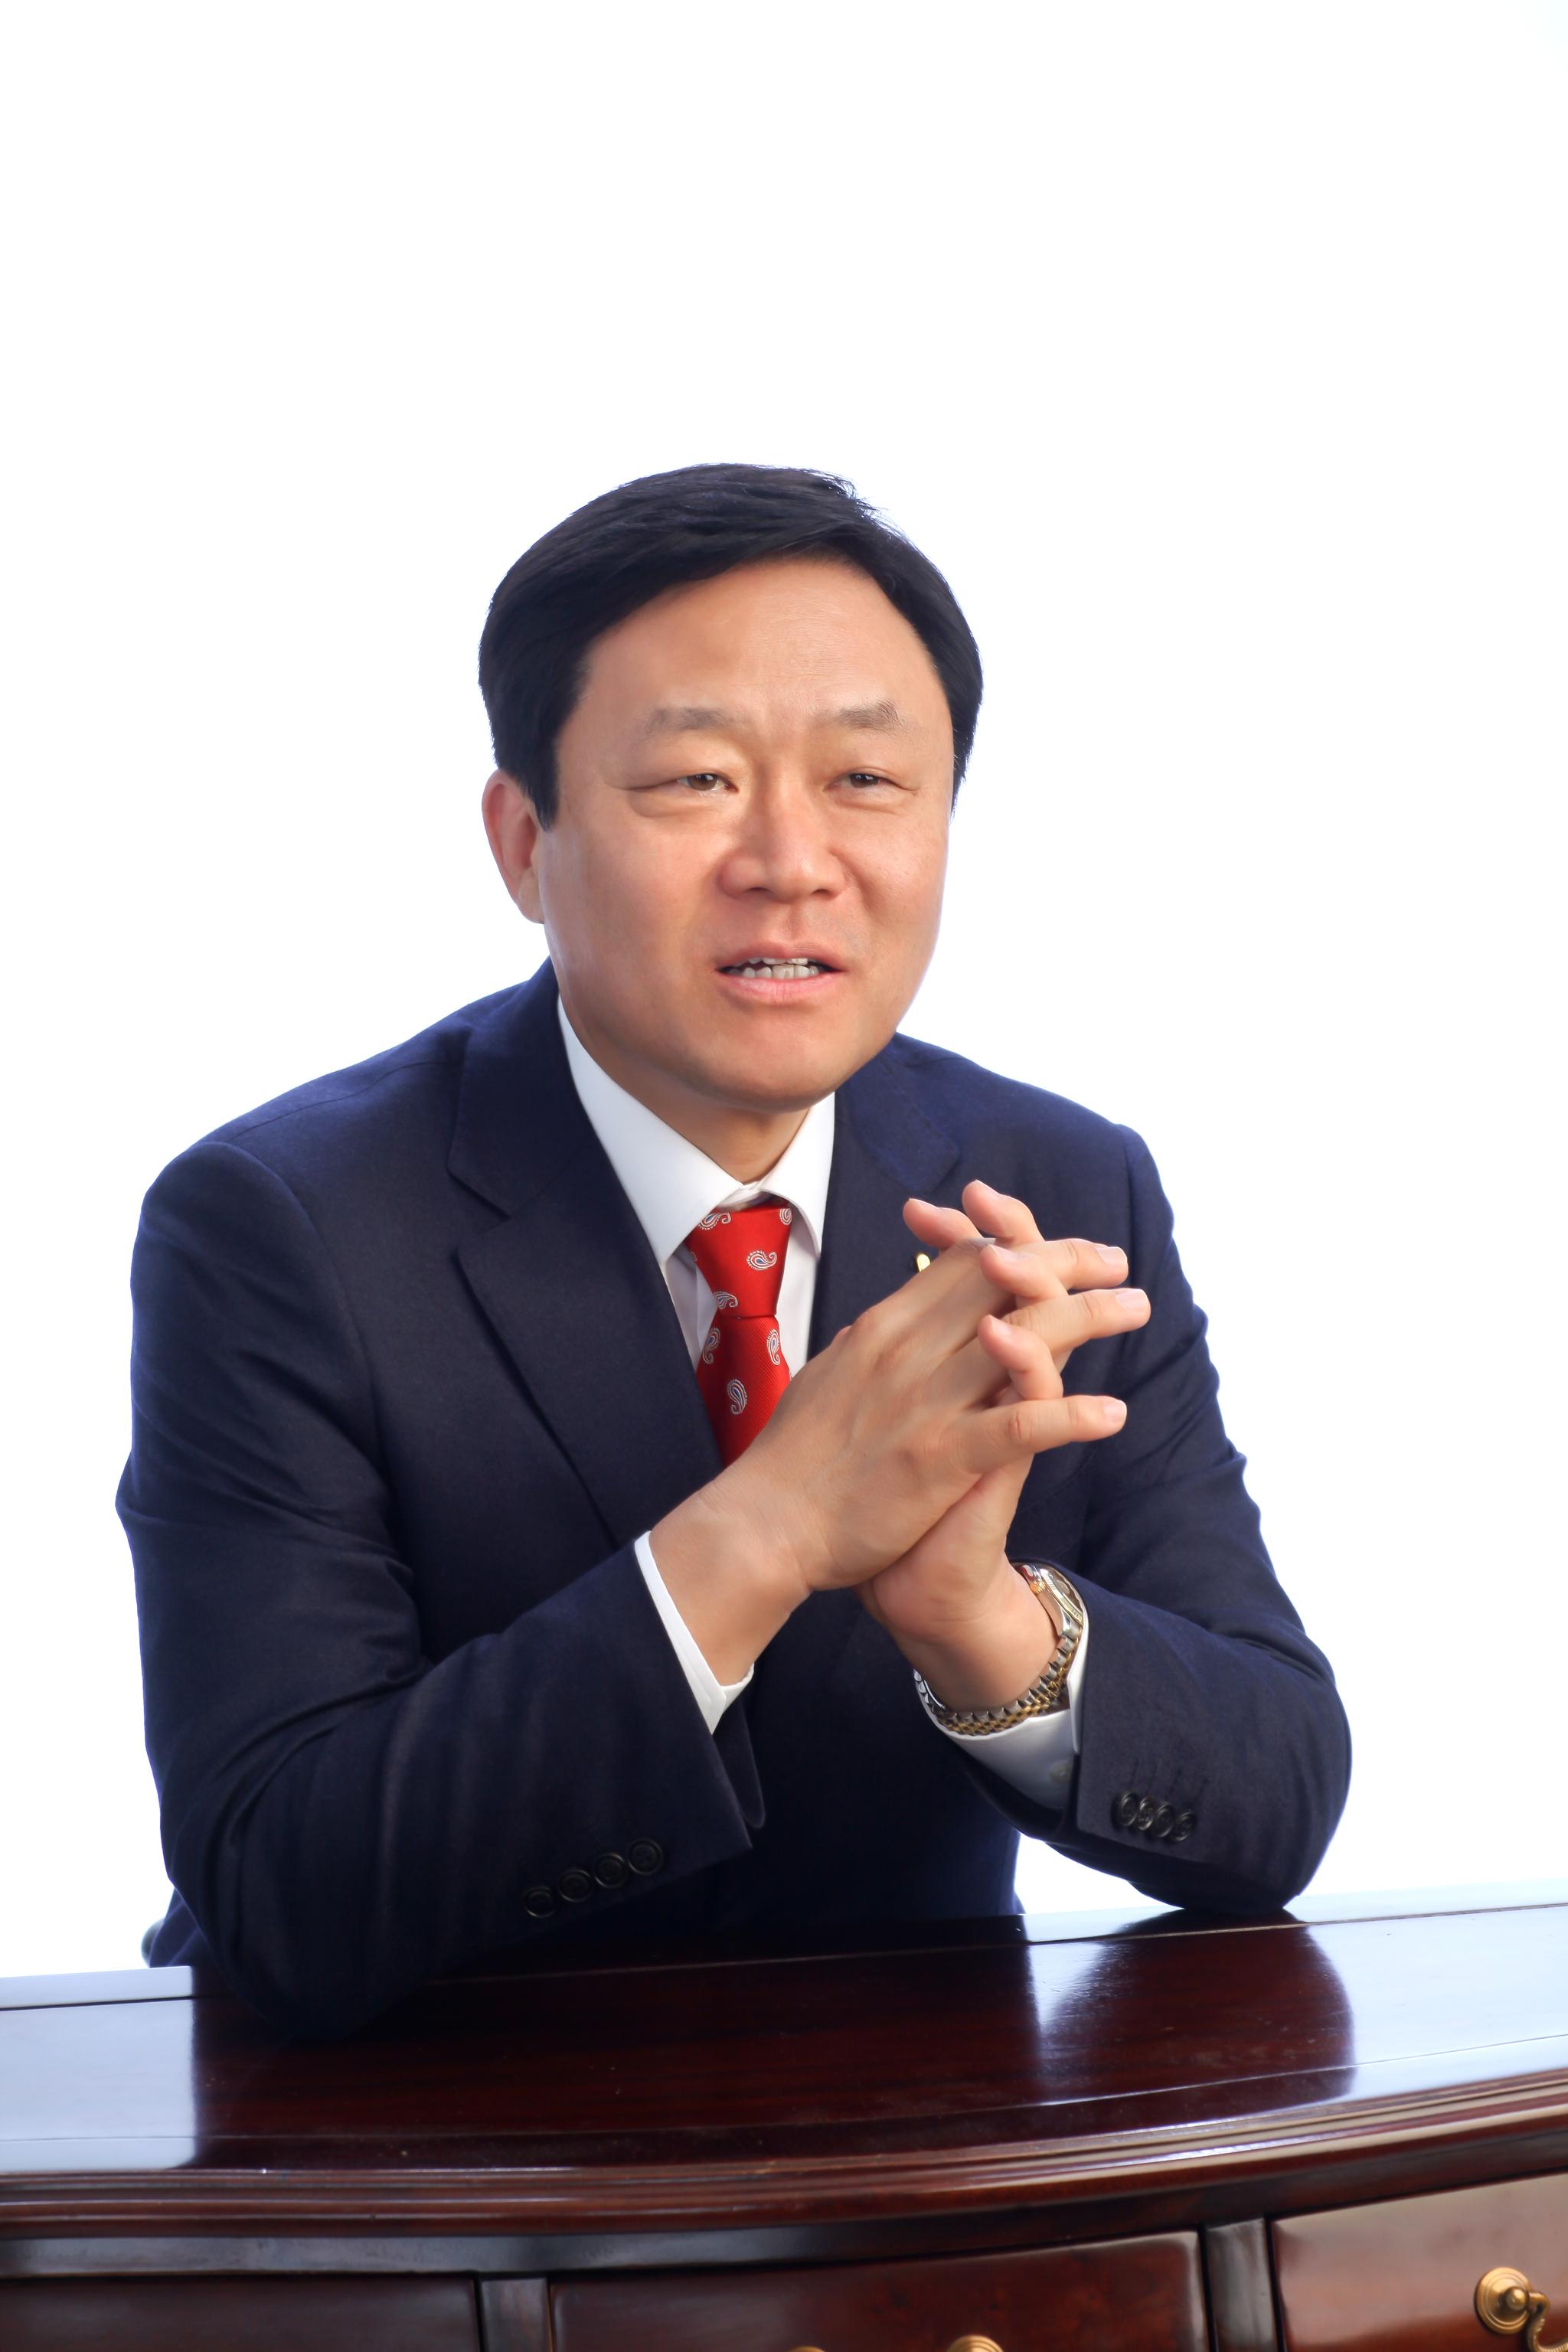 유주현 대표